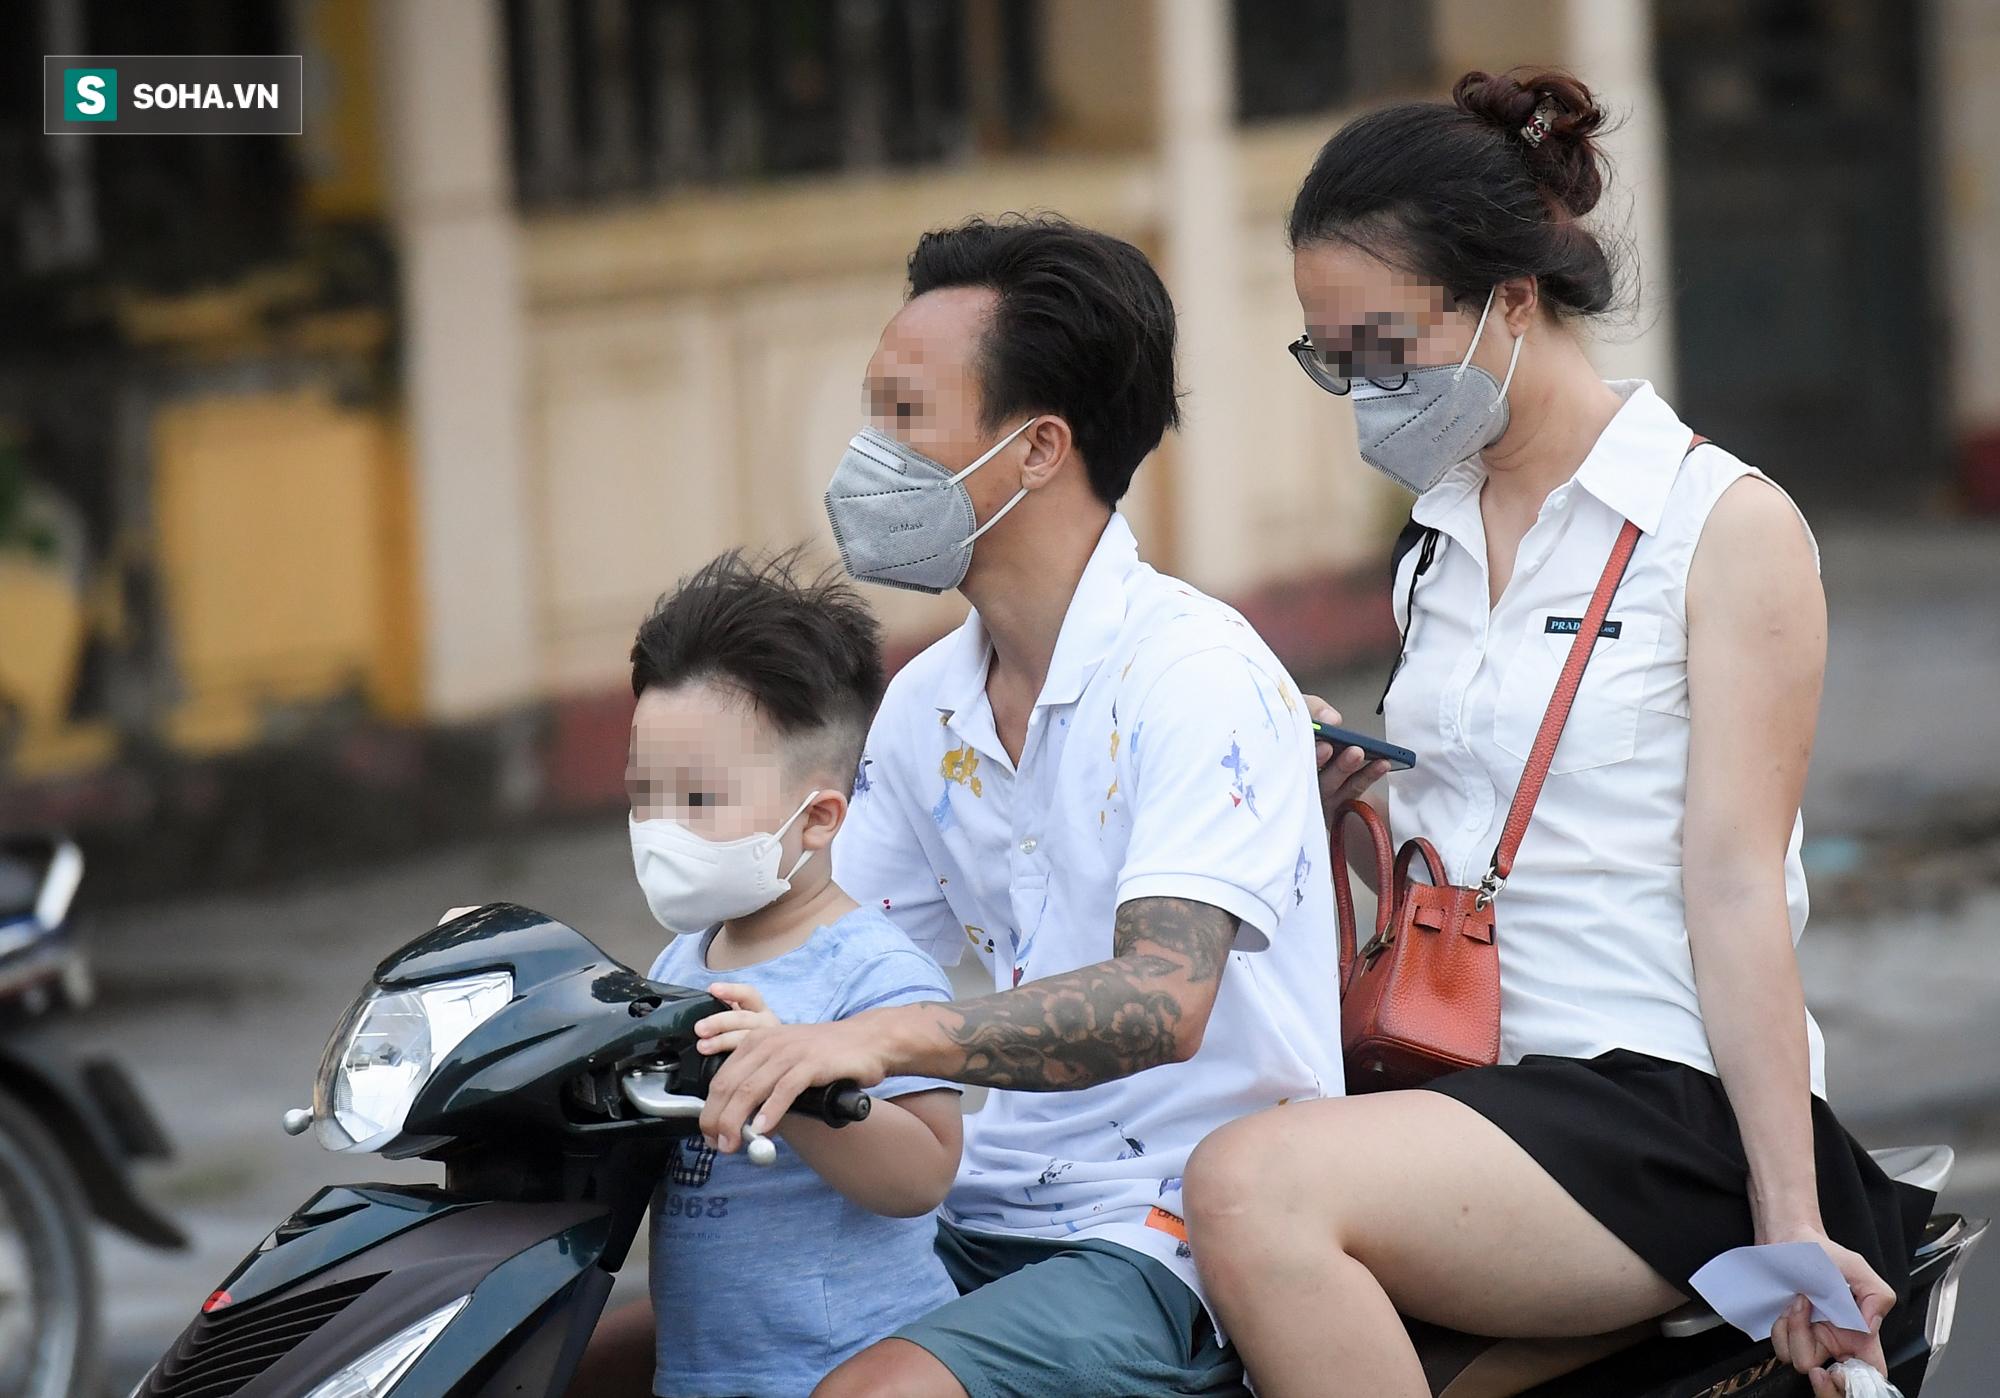 Ra đường mùa dịch: Nhiều người ở Hà Nội nhớ khẩu trang nhưng quên luật giao thông - Ảnh 4.